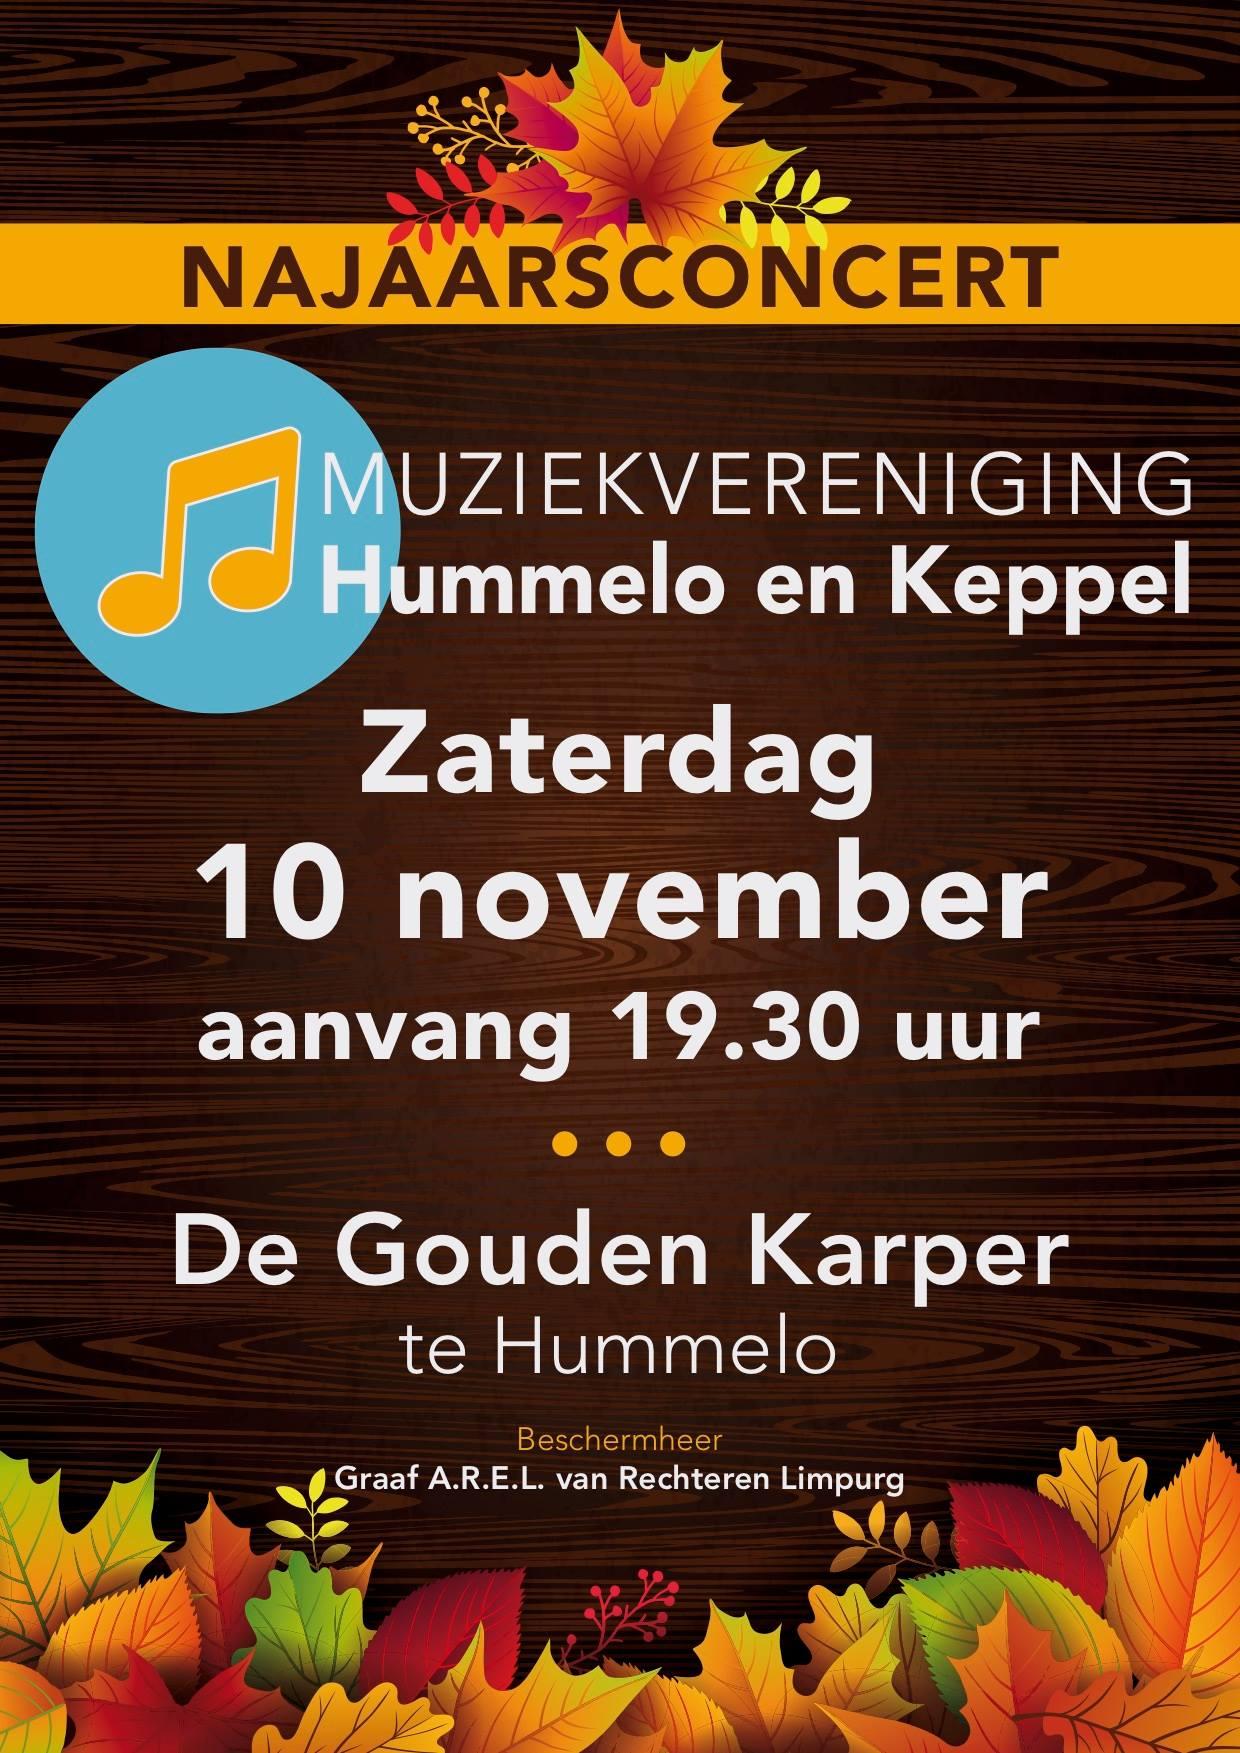 flyer Najaarsconcert 2018 Muziekvereniging Hummelo en Keppel